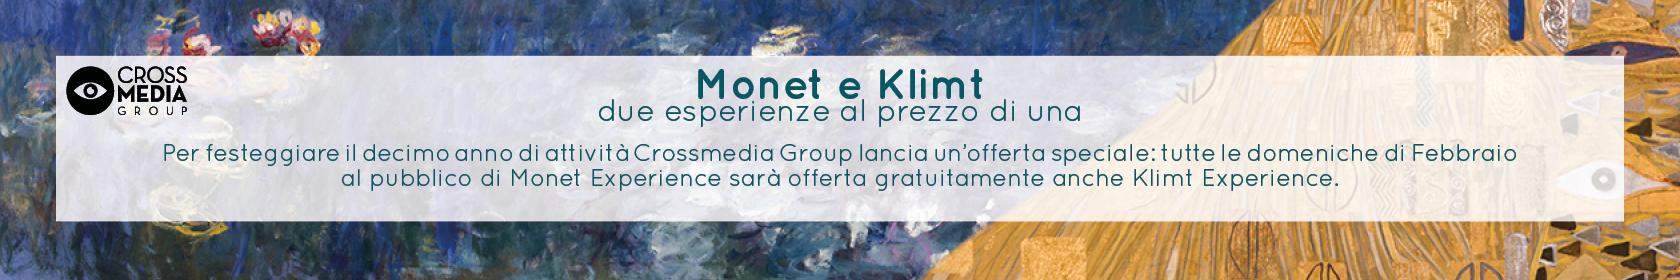 banner monet-klimt